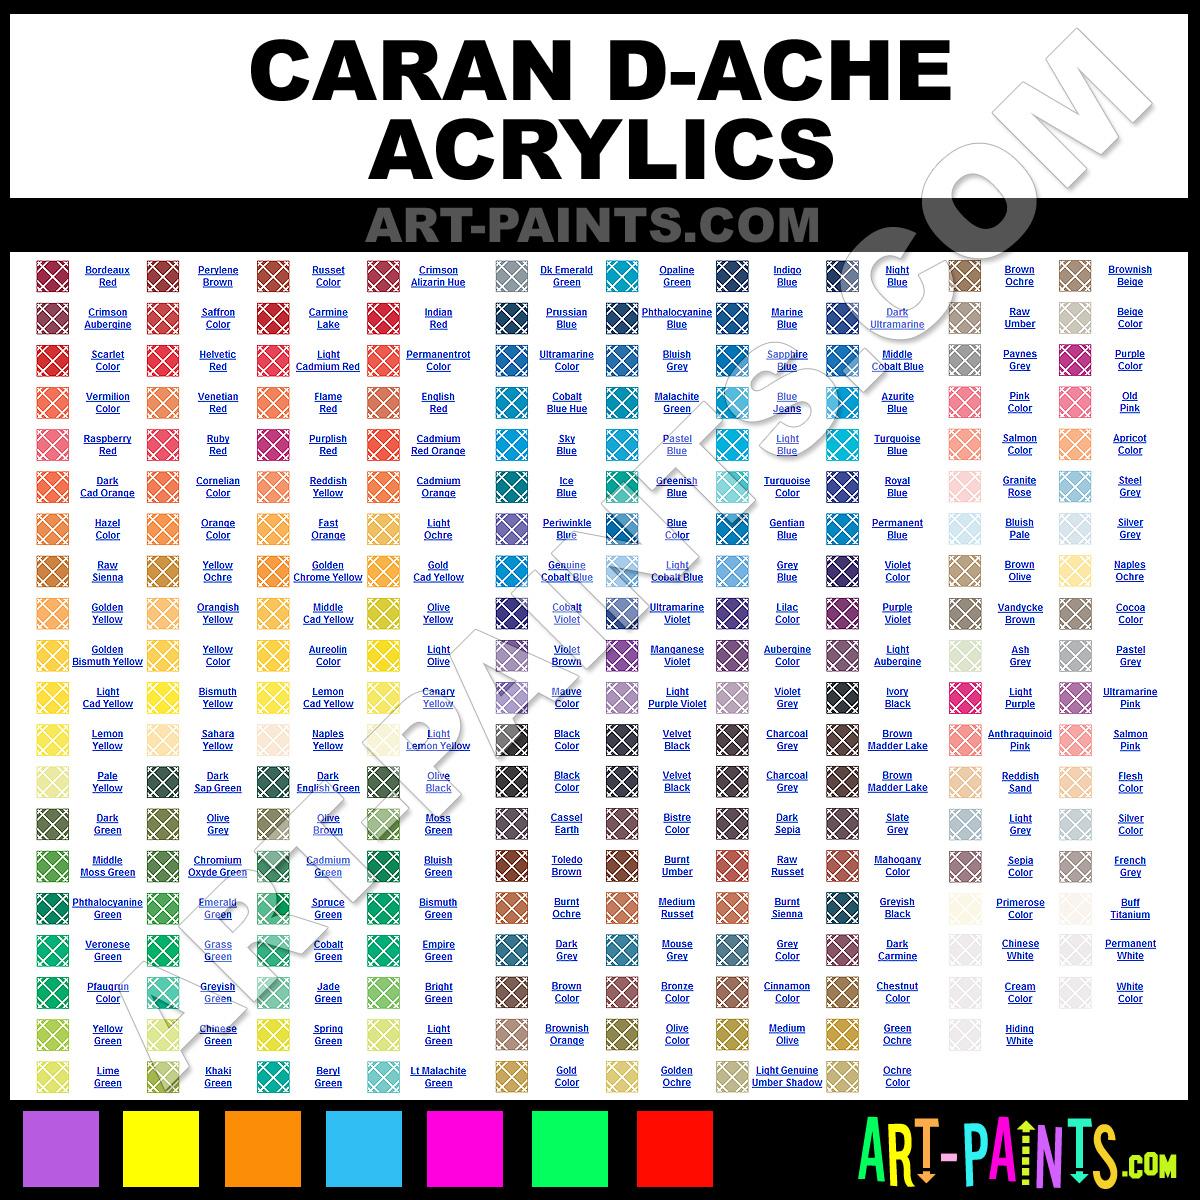 Caran D Ache Acrylic Paint Brands Caran D Ache Paint